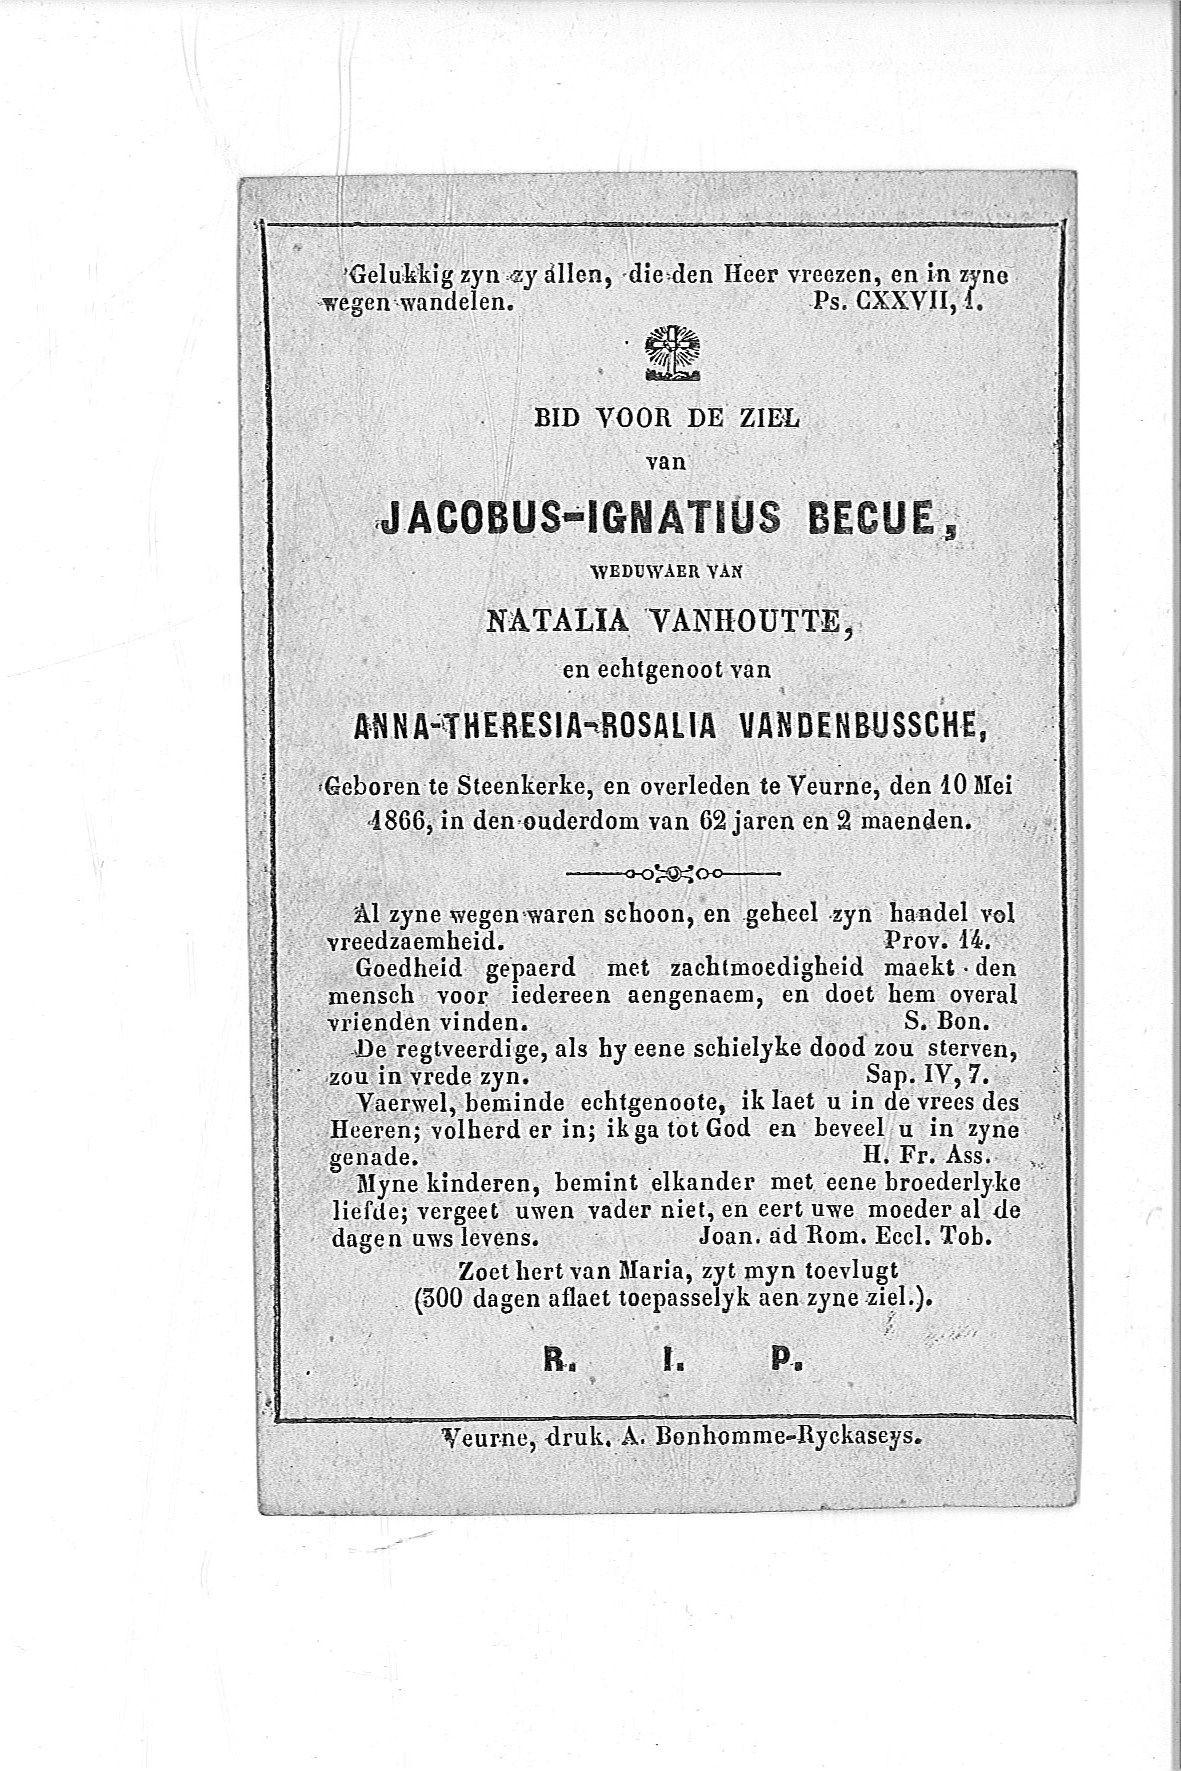 jacobus-ignatius(1866)20090813090145_00033.jpg